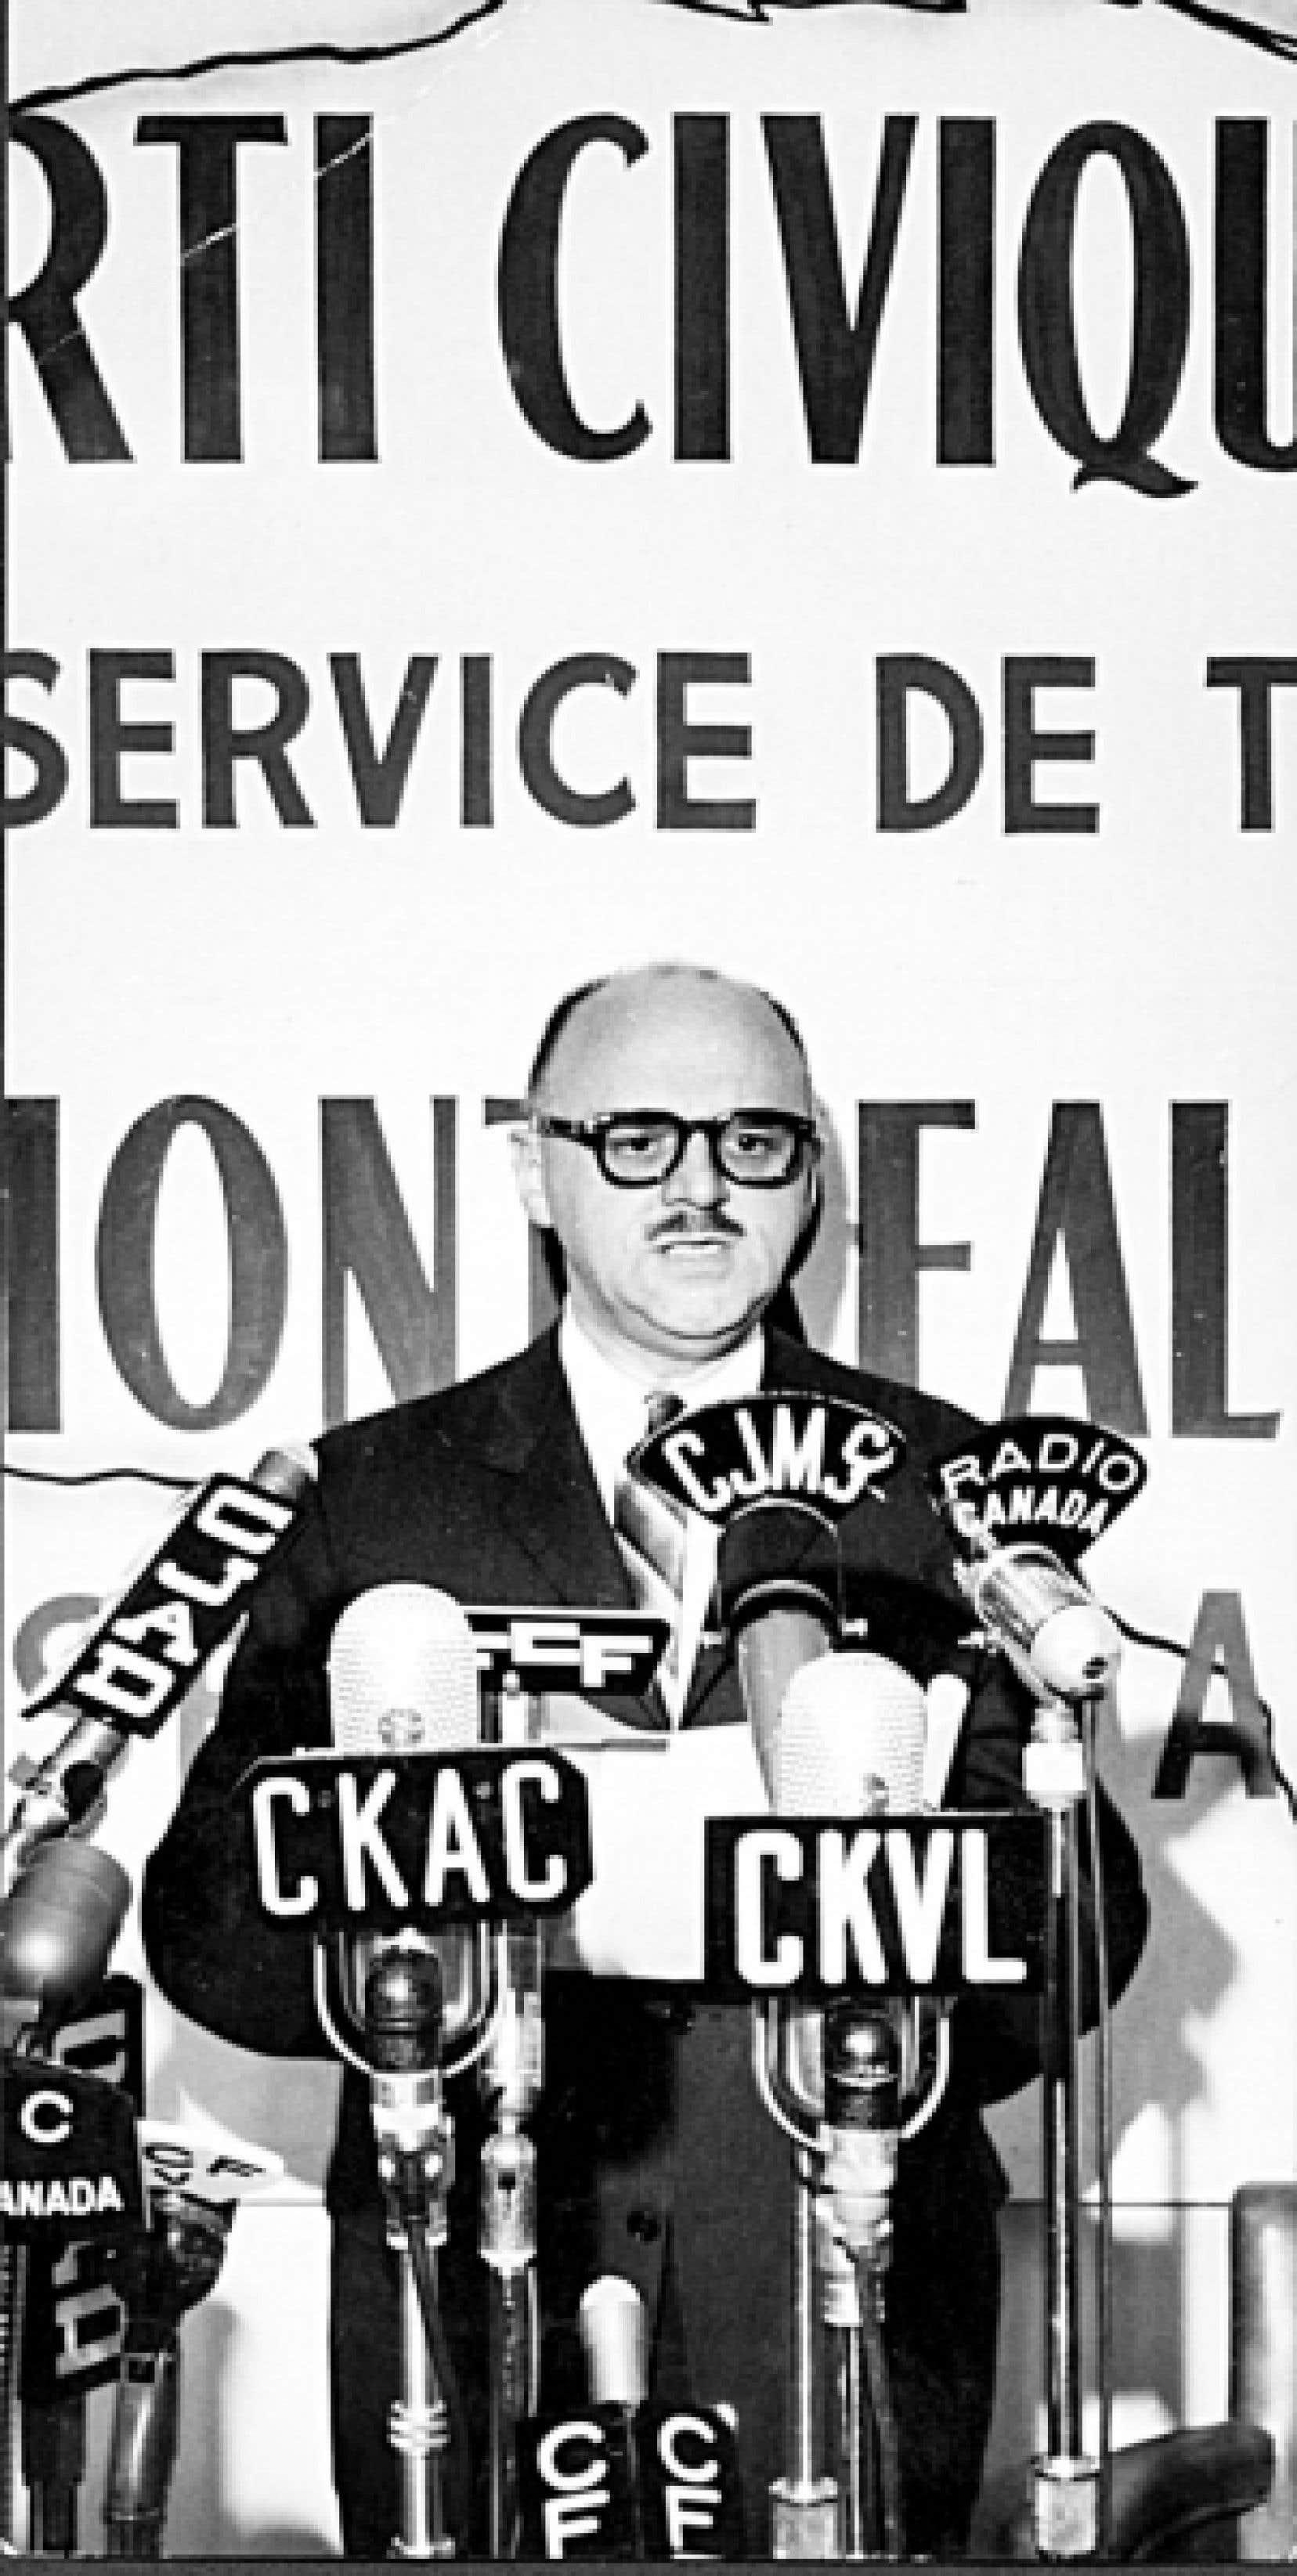 La croisade du Devoir en 1950 contre la gangrène dans la politique municipale porte fruit et lance en orbite un jeune avocat nommé Jean Drapeau, propulsé à la mairie de Montréal en 1954.